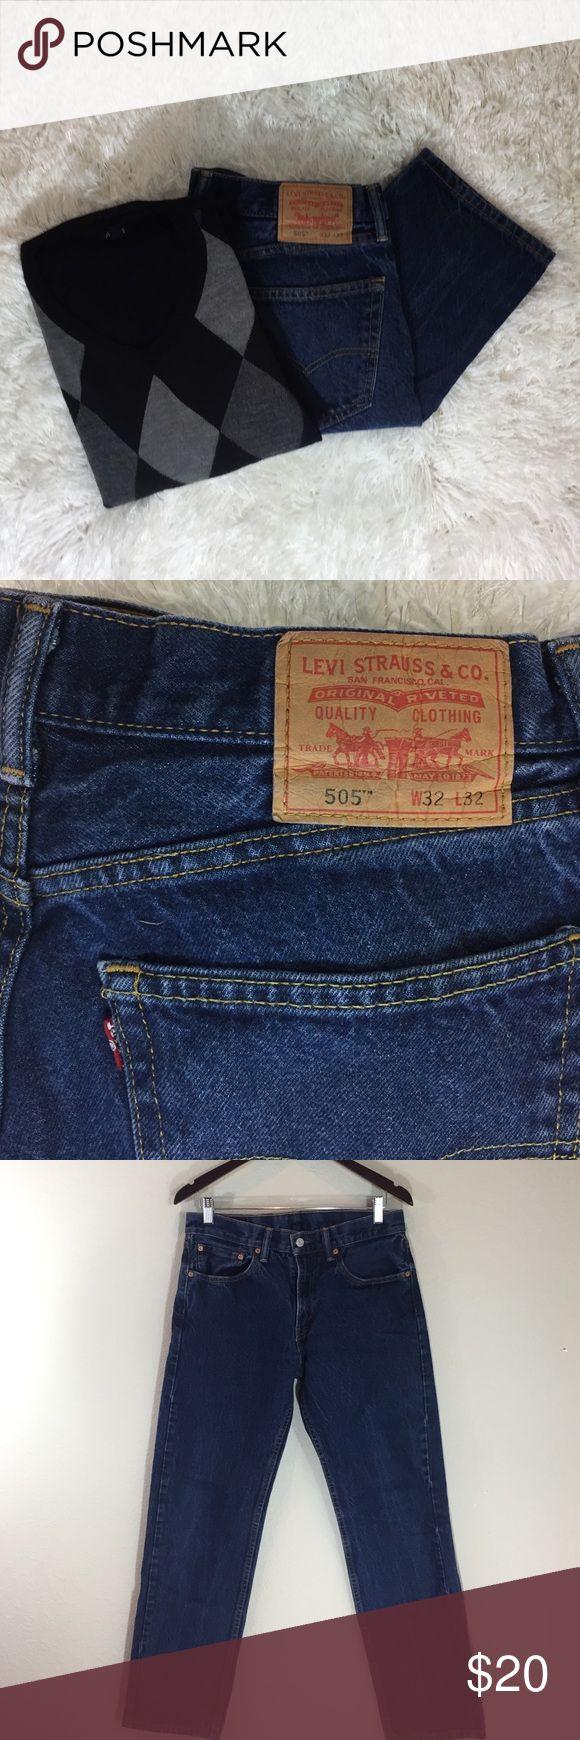 Men's Levi's 505 Jeans Men's Levi's 505 straight leg.  Dark Stone Wash.   Excellent condition.  Waist: 32. Length: 32. Levi's Jeans Straight